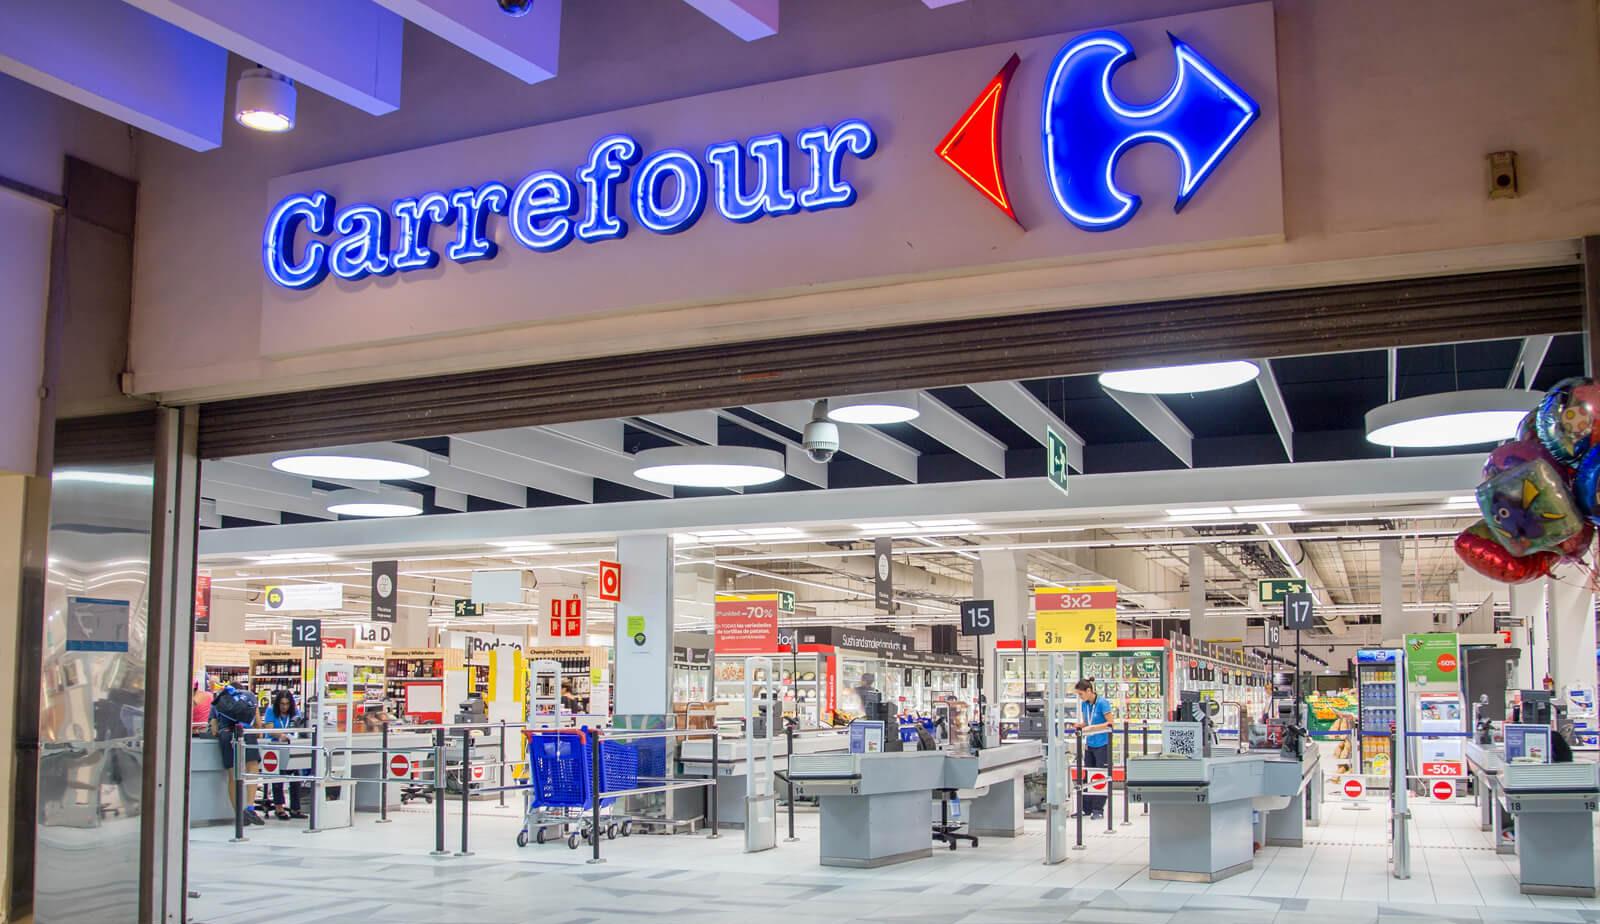 Carrefour estima vendas de 100 bilhões de reais em 2024 para Atacadão